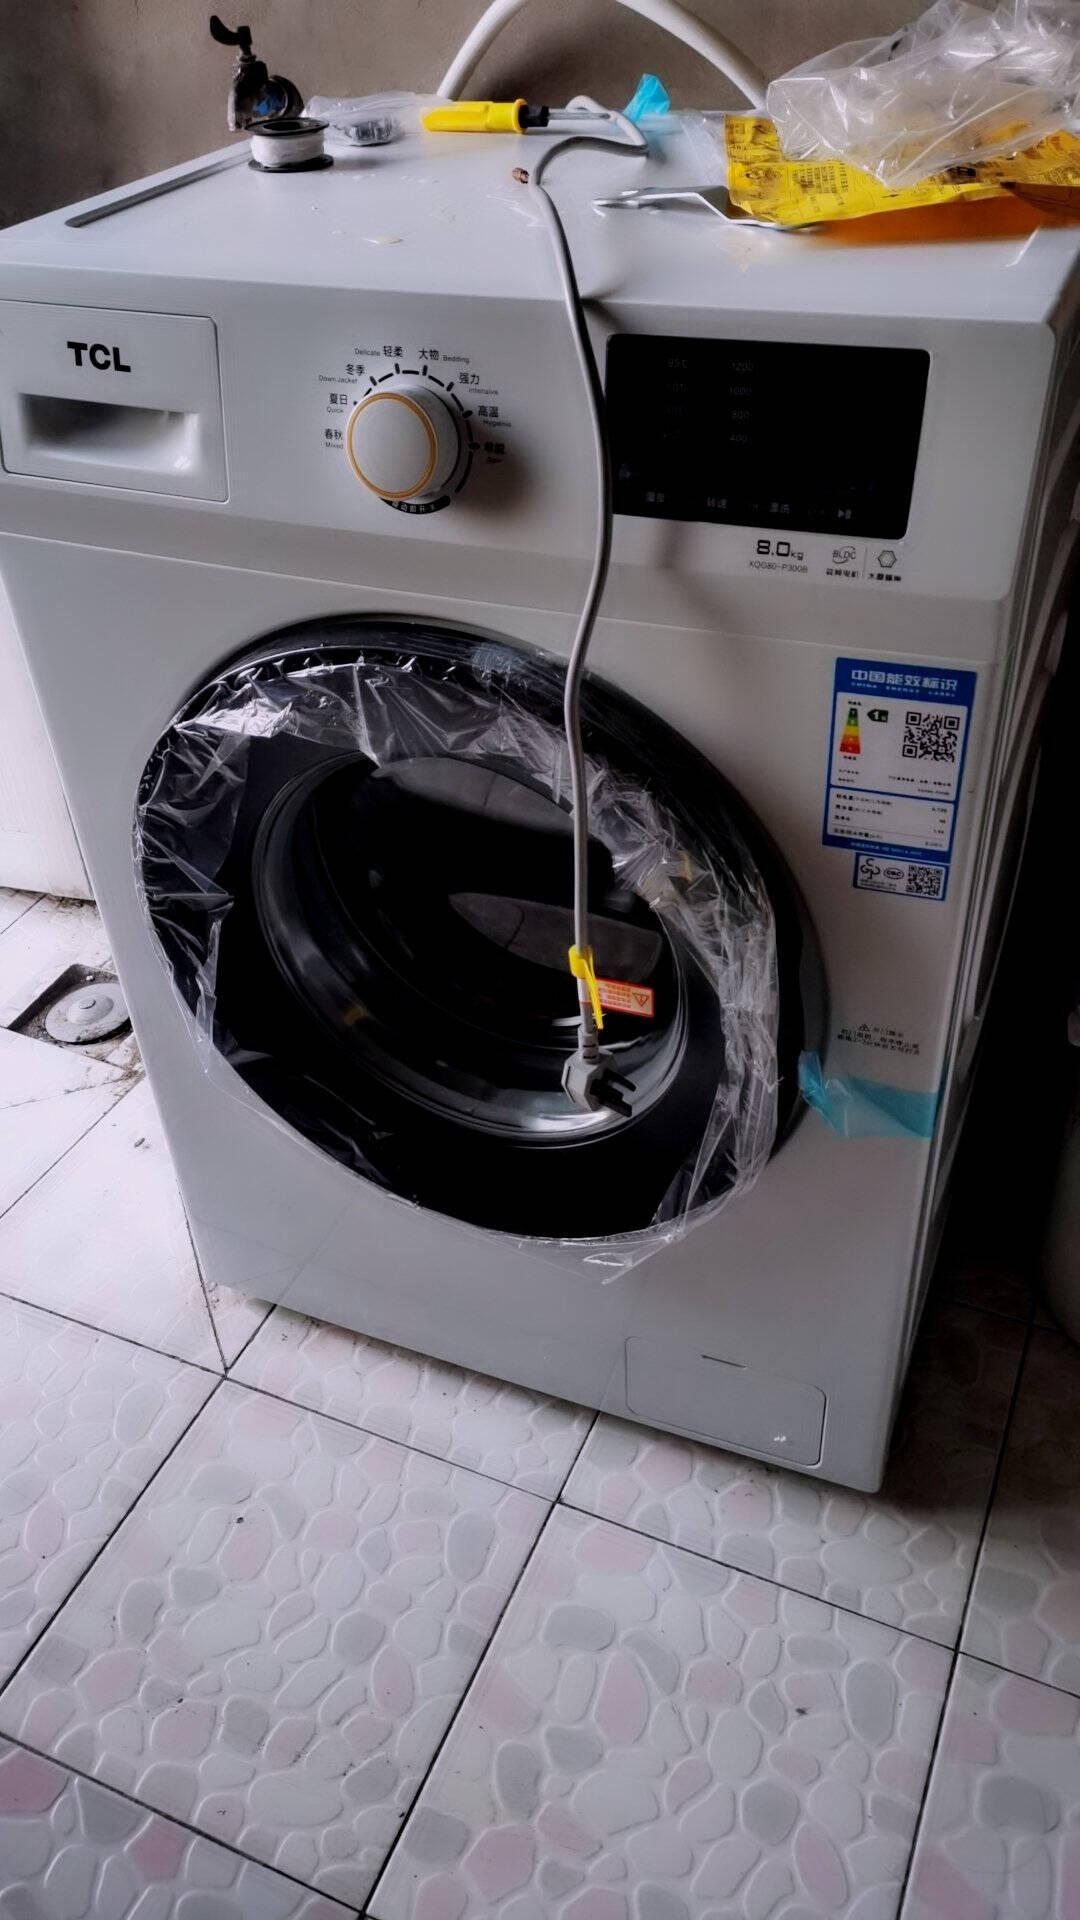 就近发货TCL洗衣机全自动滚筒8公斤上排水变频羽绒服洗途添衣节能静音高温除菌 P300B芭蕾白